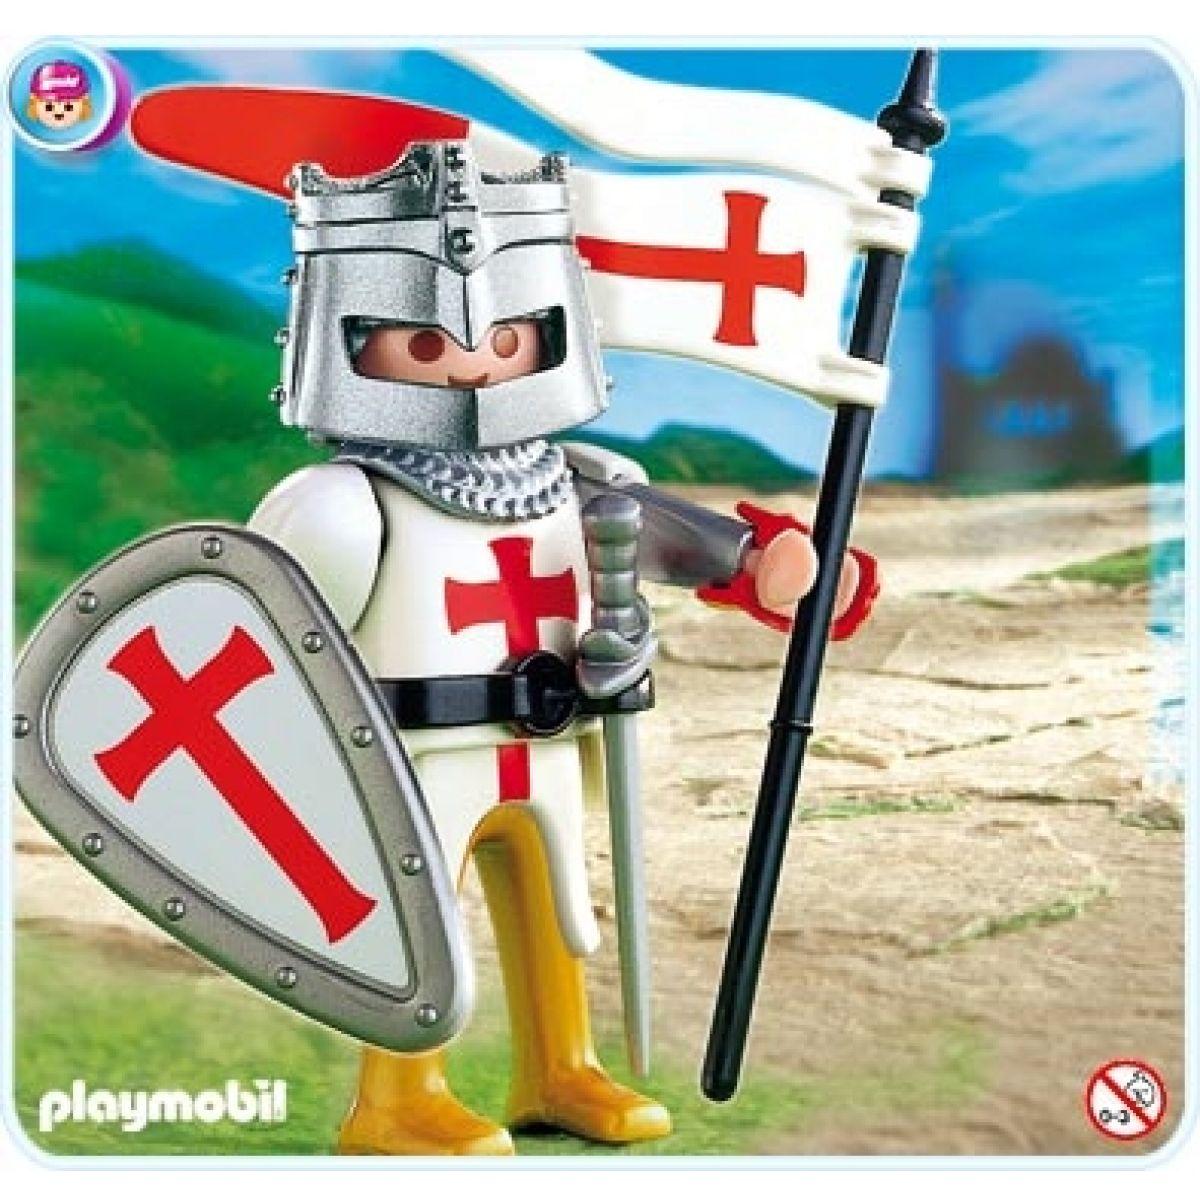 Playmobil Královský rytíř